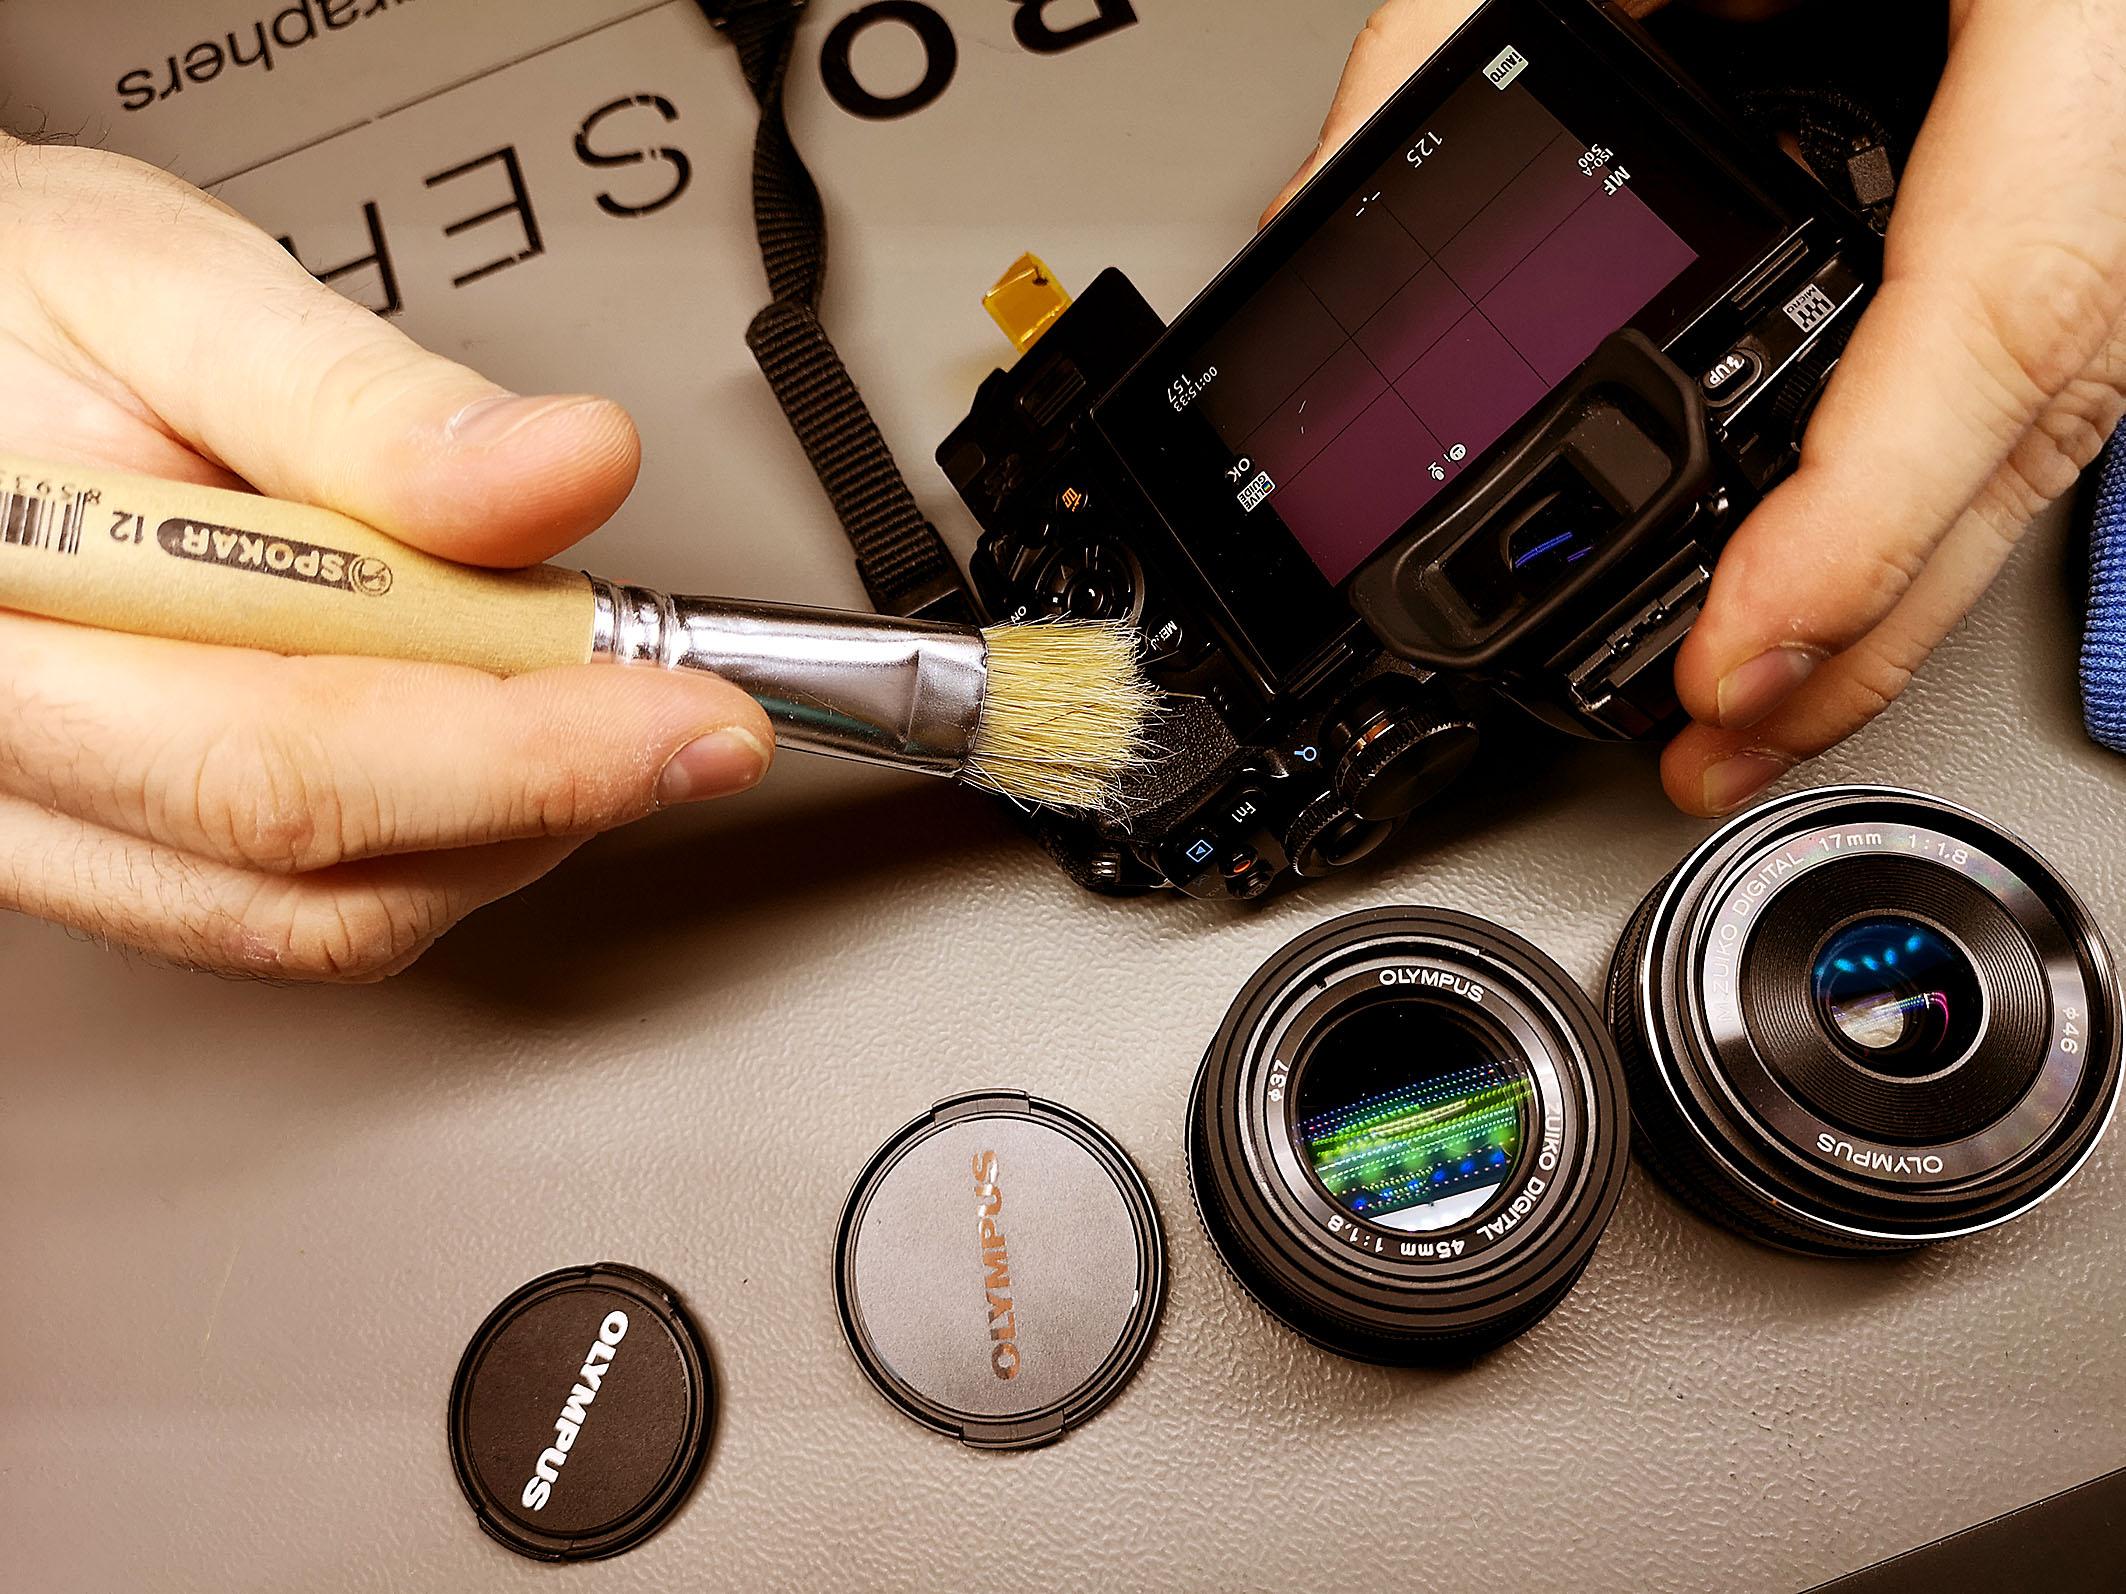 Foto: Michael B. Rehders - Olympus hatte ein Reinigungsteam vor Ort, die mitgebrachte Kameras kostenlos säuberten.